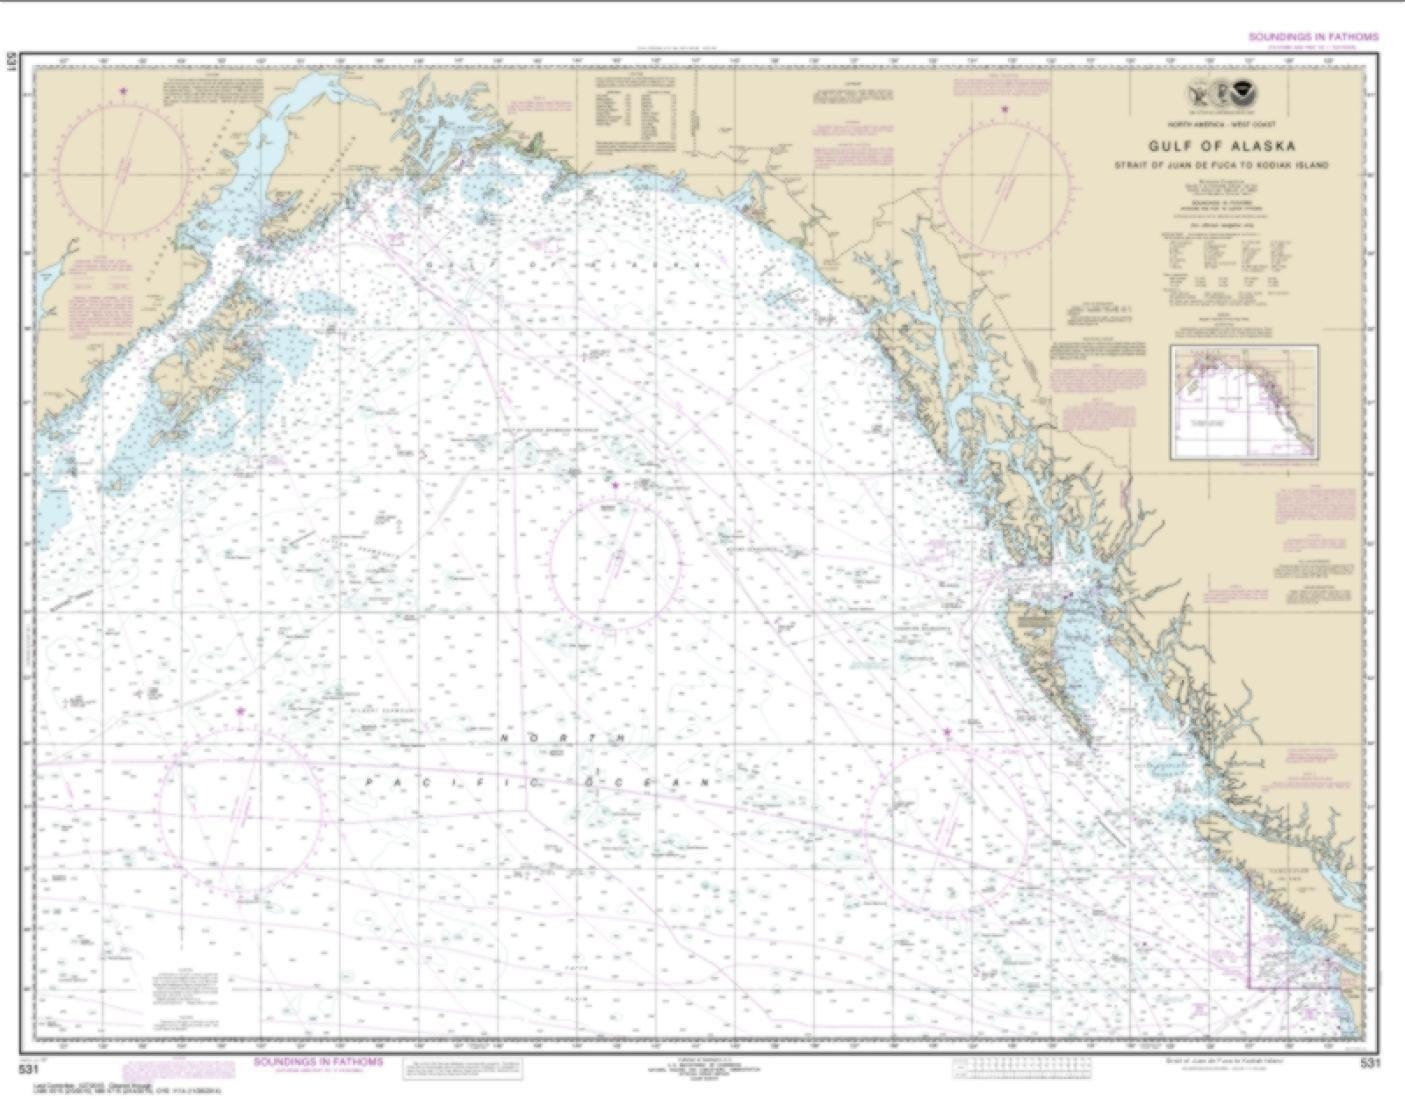 Gulf of Alaska Strait of Juan de Fuca to Kodiak Island 531 24 by